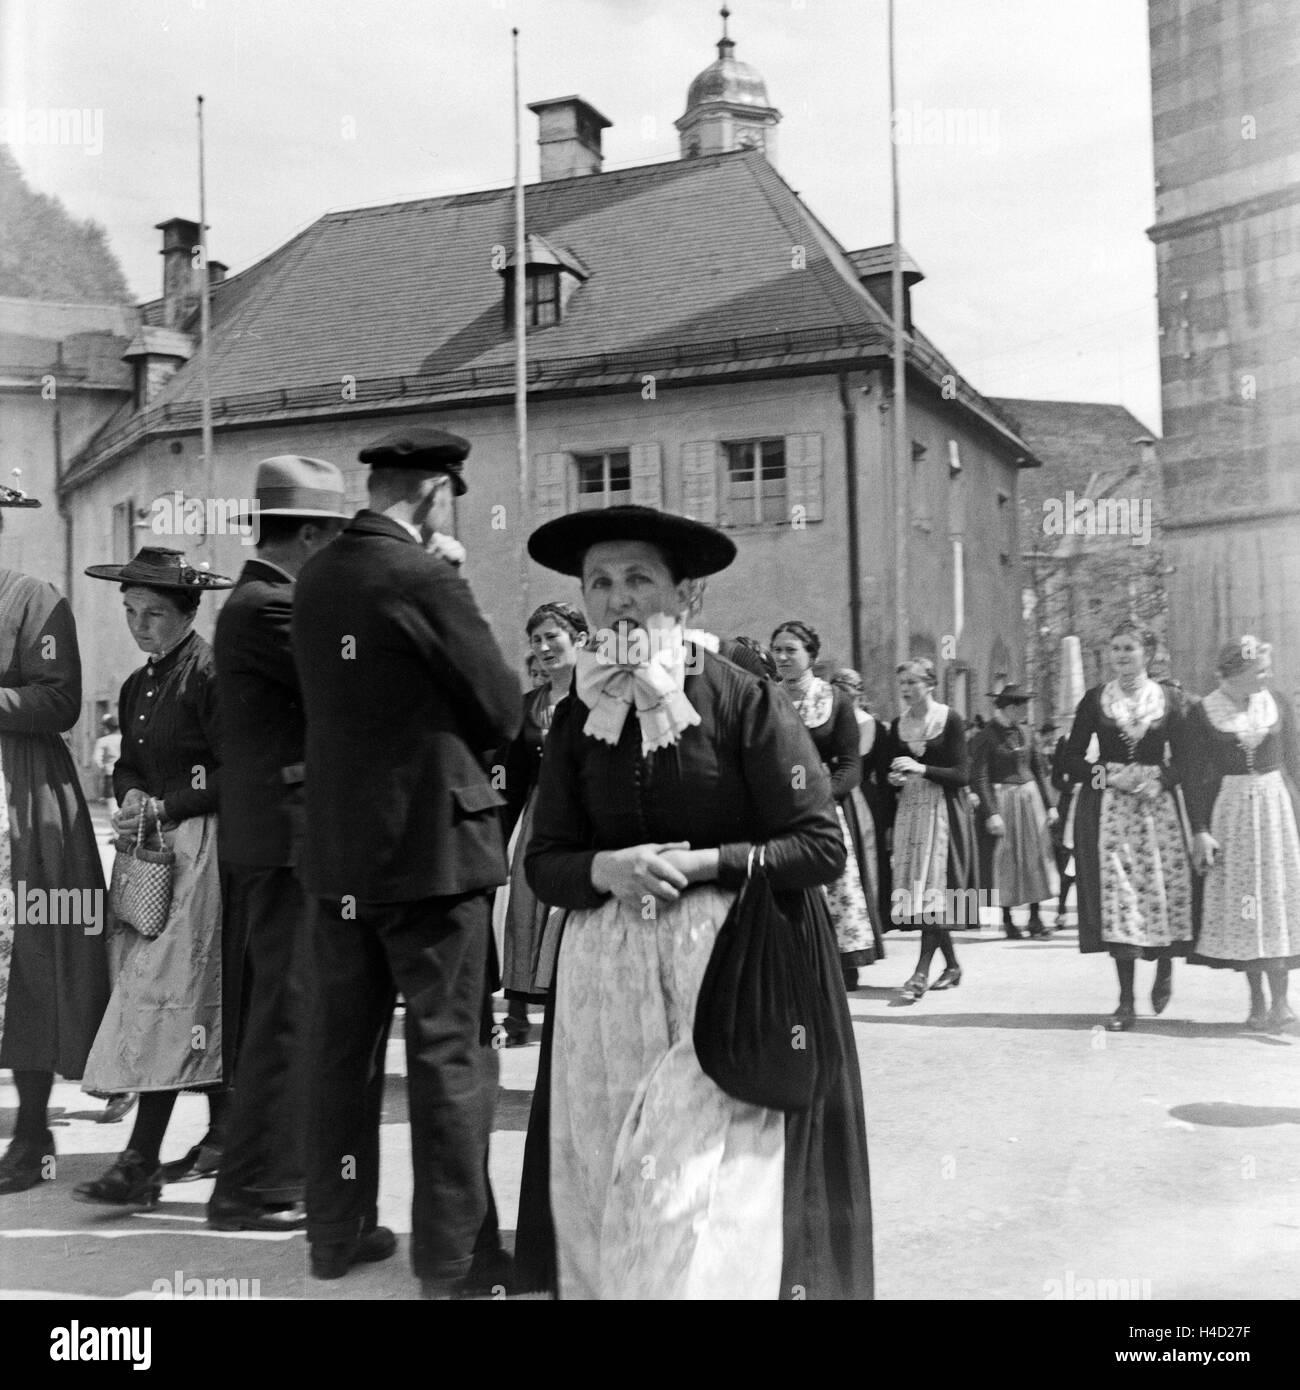 Sterben Sie Bürger von Berchtesgaden in Ihrer Stadt, Deutschland 1930er Jahre. Einwohner von Berchtesgaden Stockbild